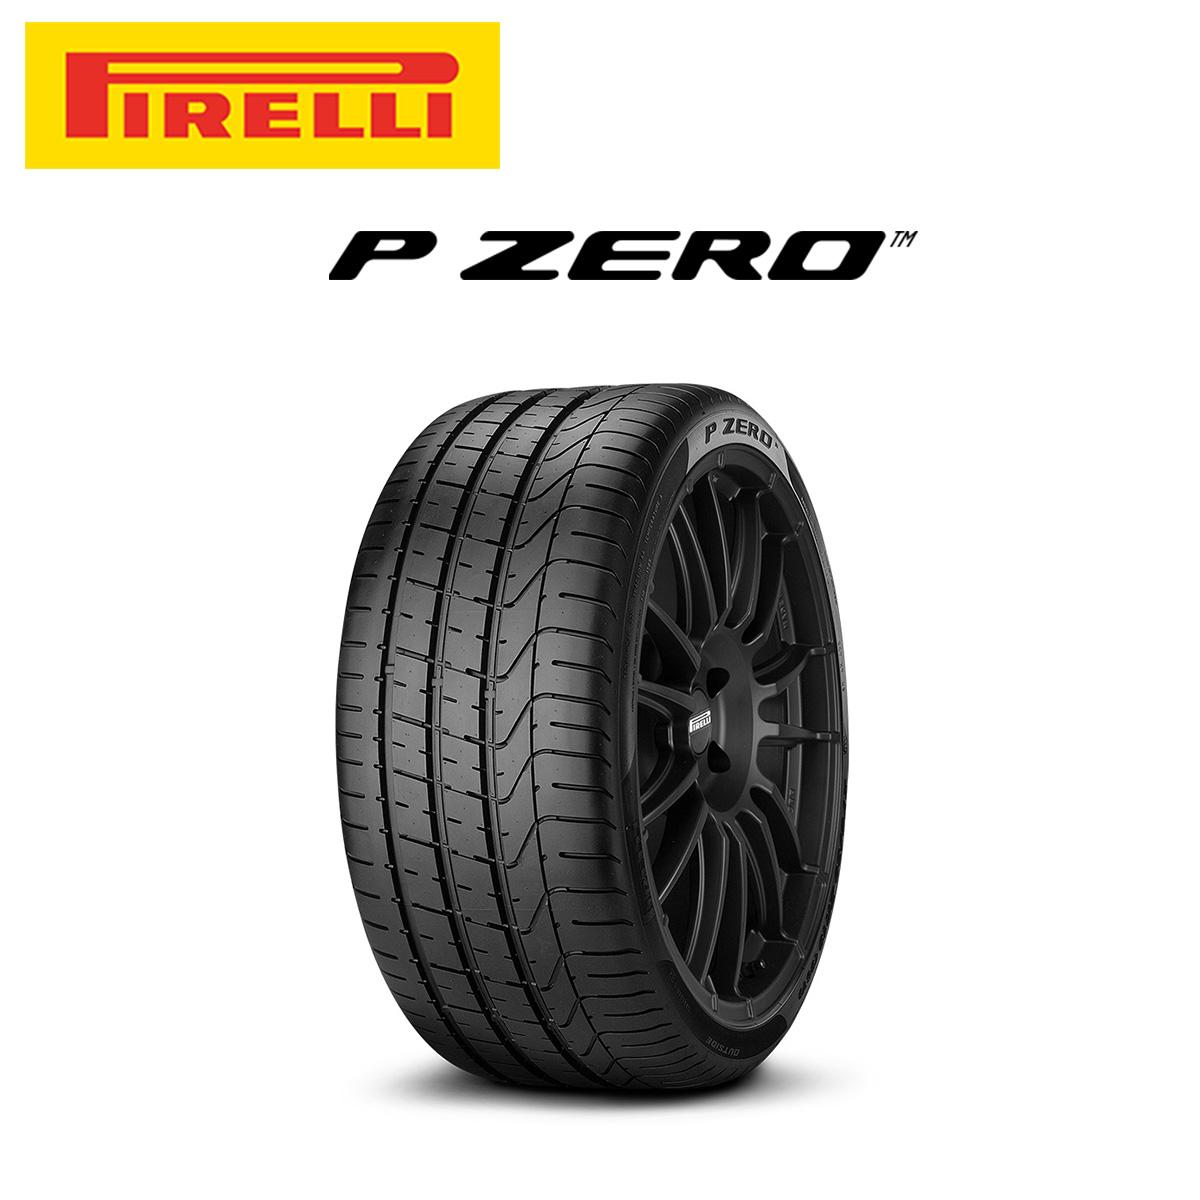 ピレリ PIRELLI P ZERO ピーゼロ 20インチ サマー タイヤ 1本 225/35R20 90Y XL r-f ★:BMW MINI承認タイヤ 2074600